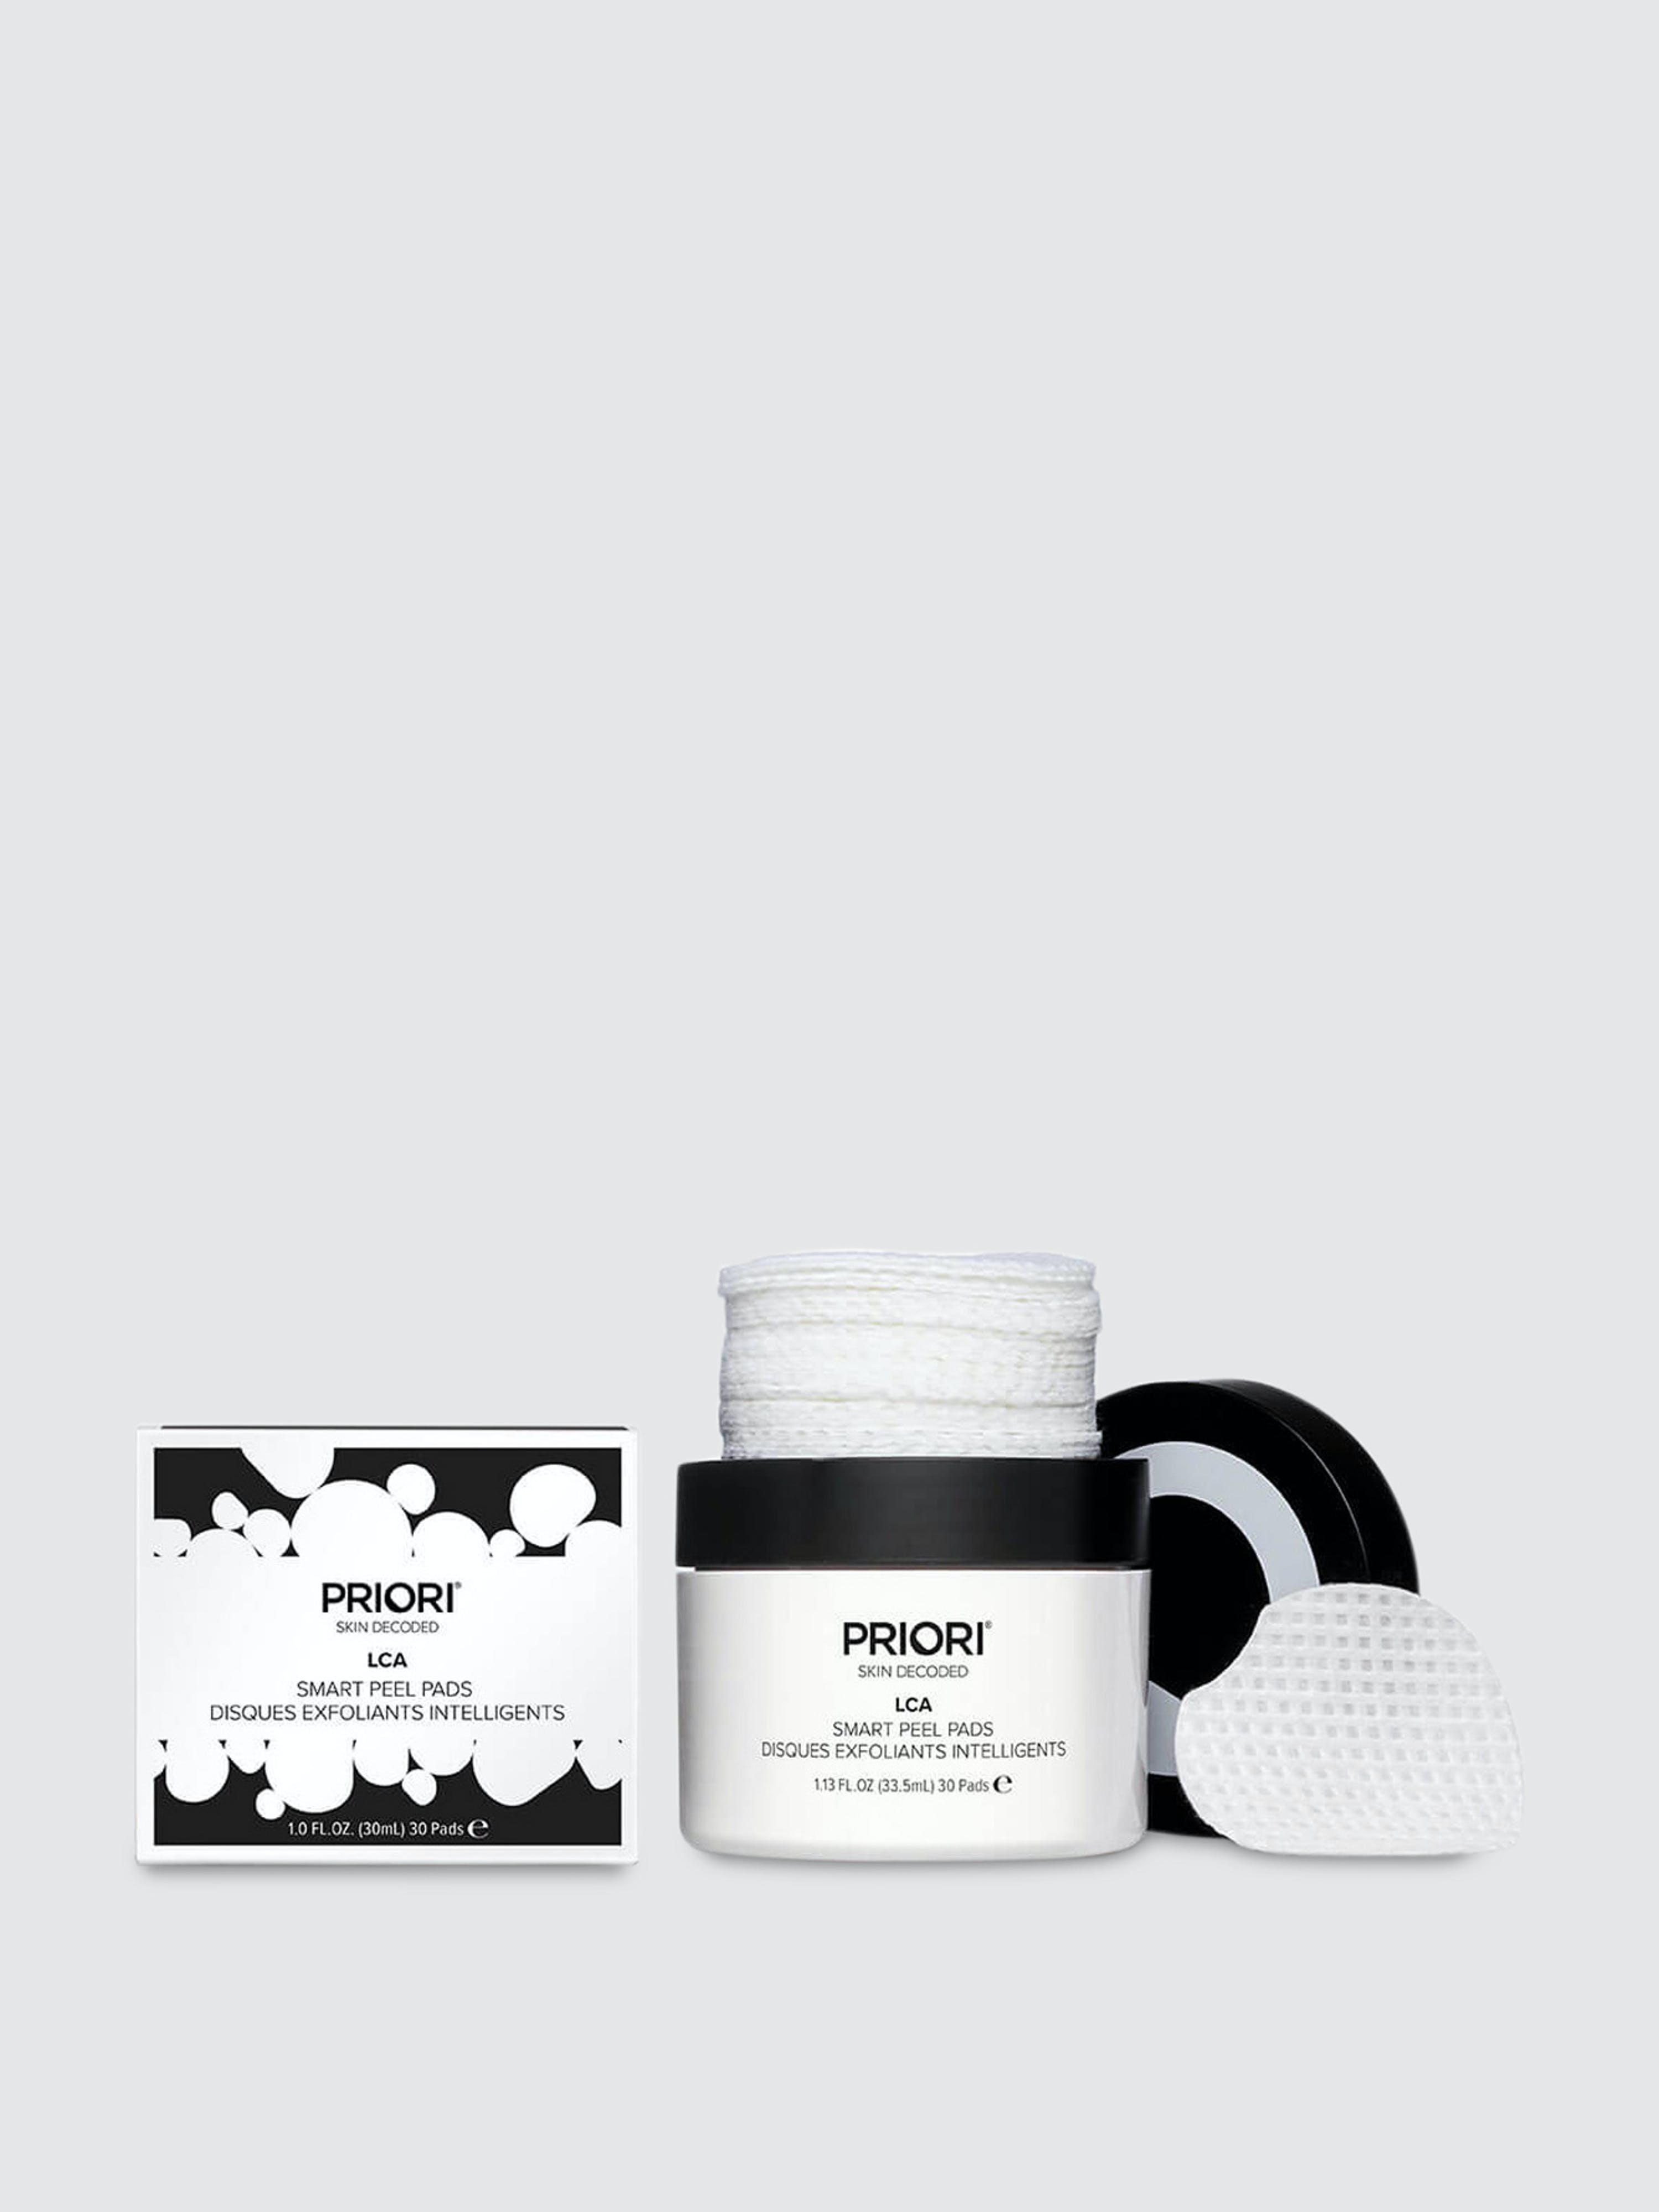 Priori Skincare Lca Smart Peel Pads